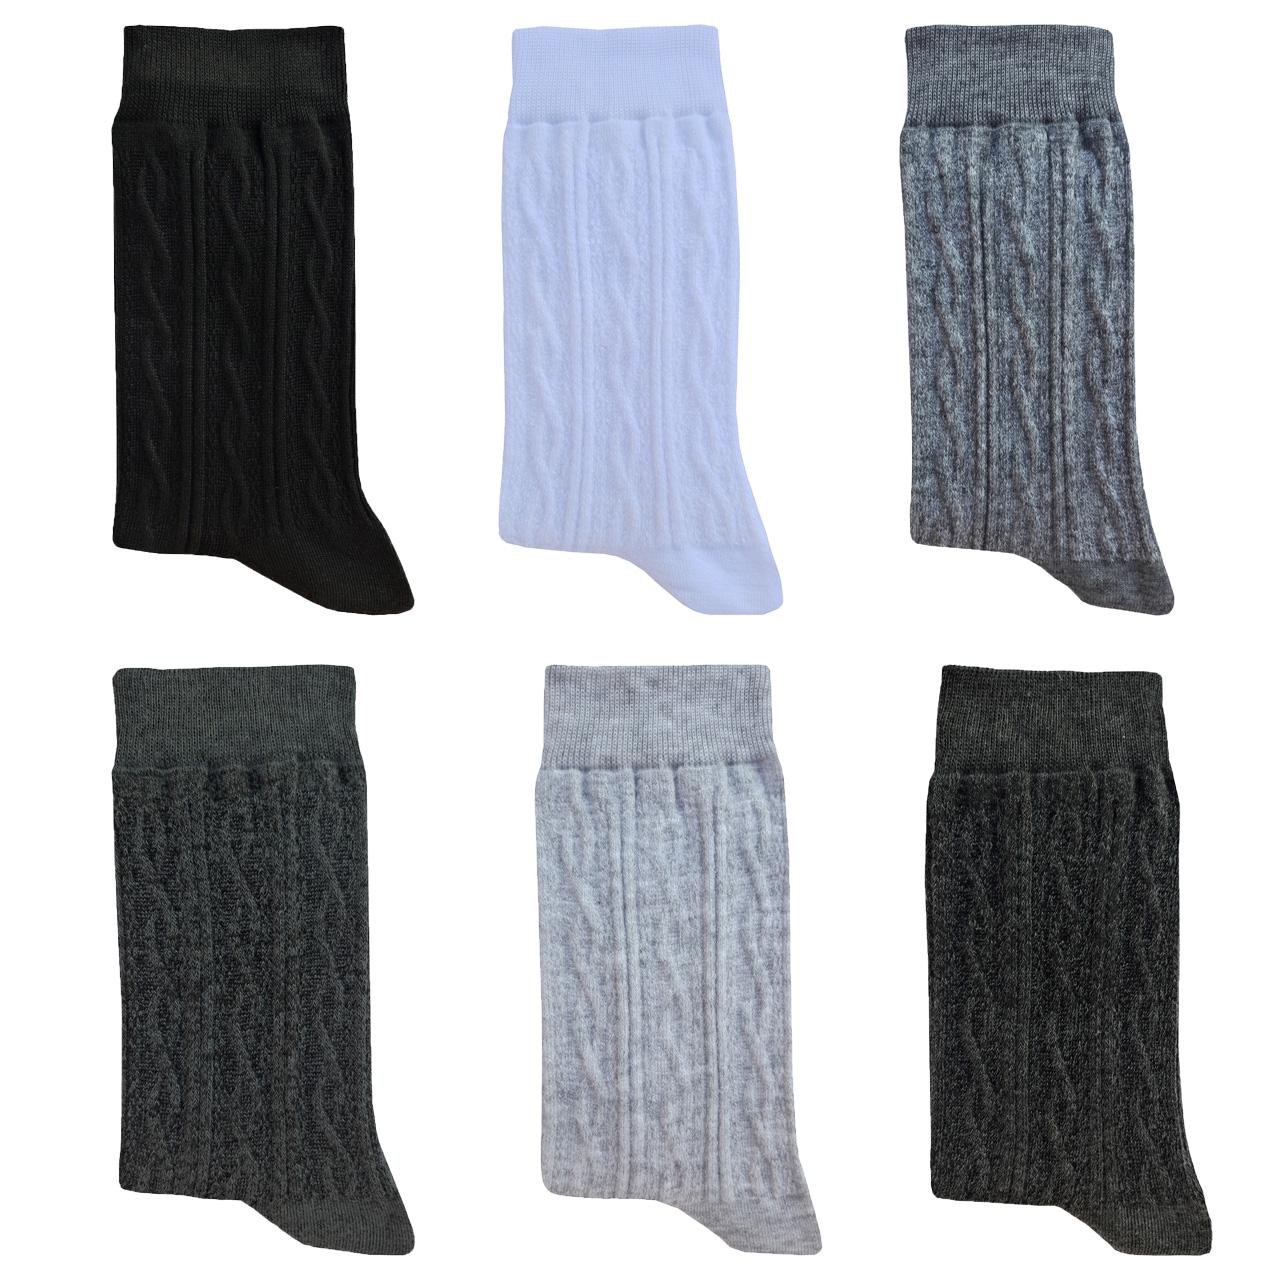 جوراب مردانه زند کد S S  _ 2 مجموعه 6 عددی